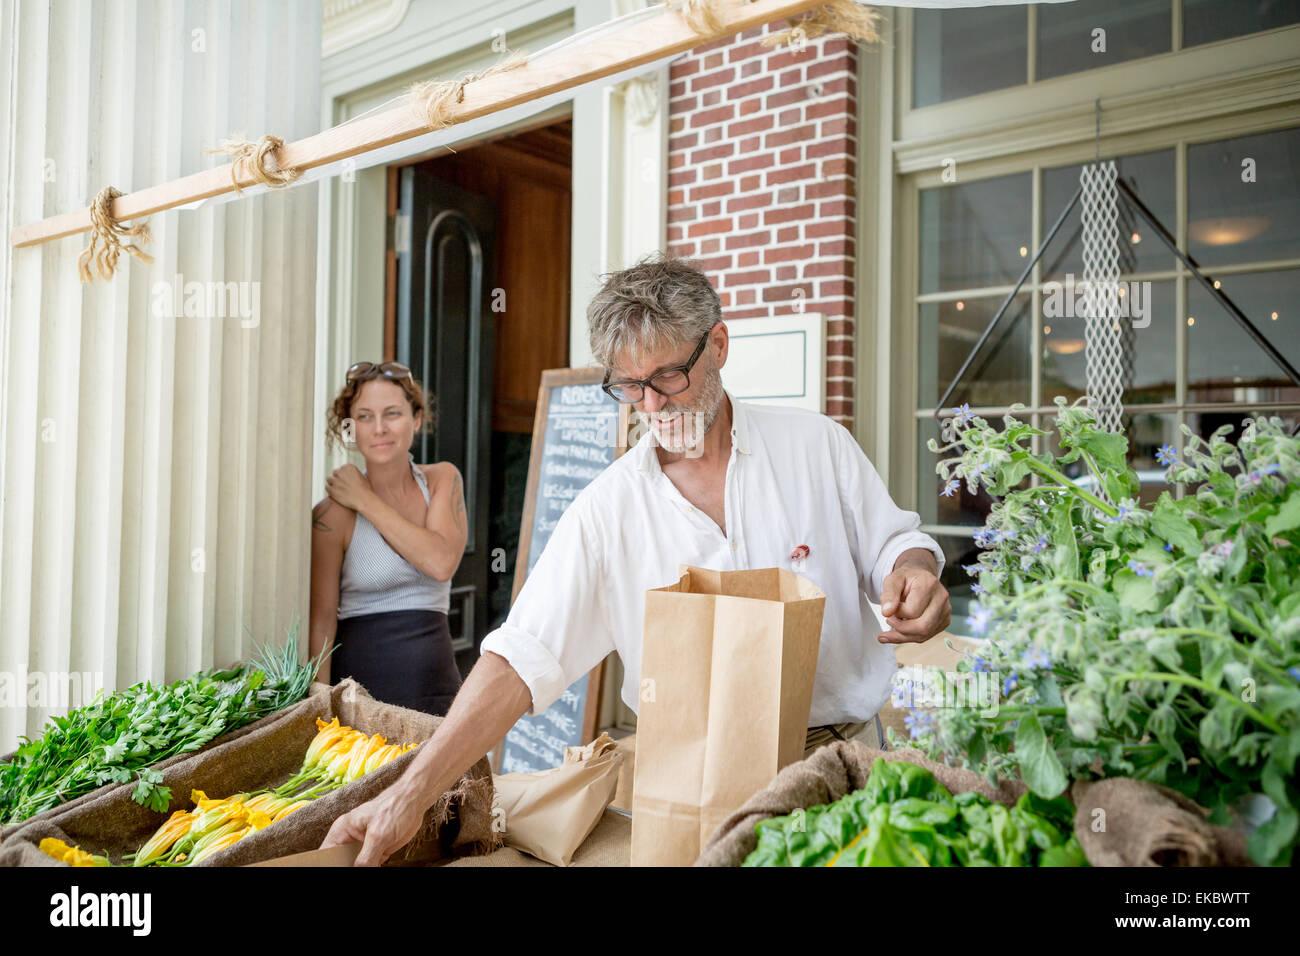 Agricultor vendiendo alimentos orgánicos en calada almacén exterior Imagen De Stock